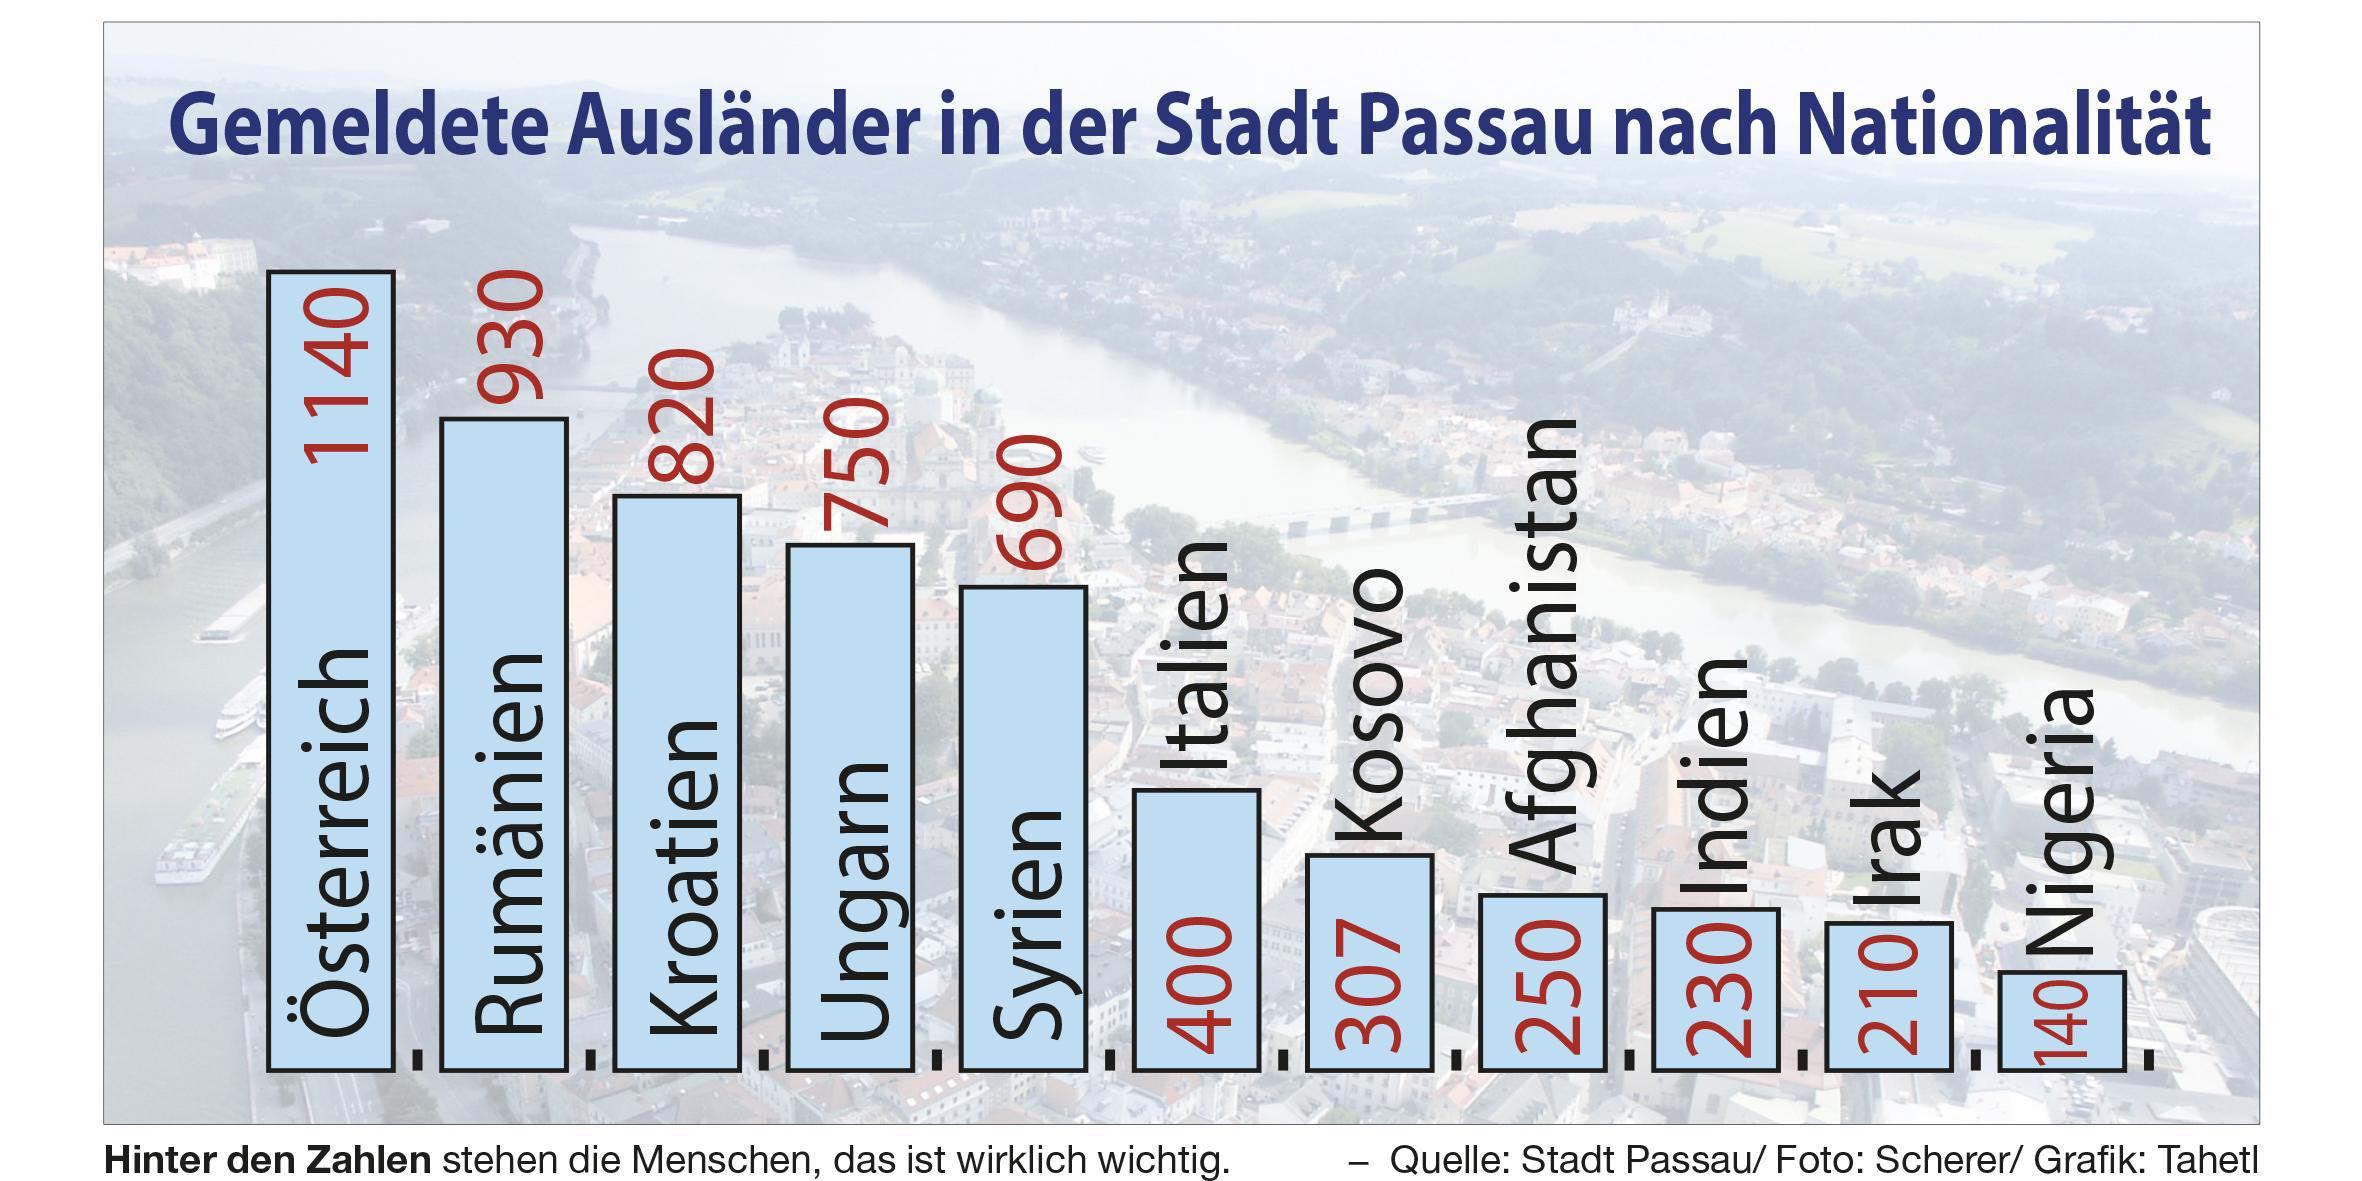 Statistik für gemeldete Ausländer in Passau